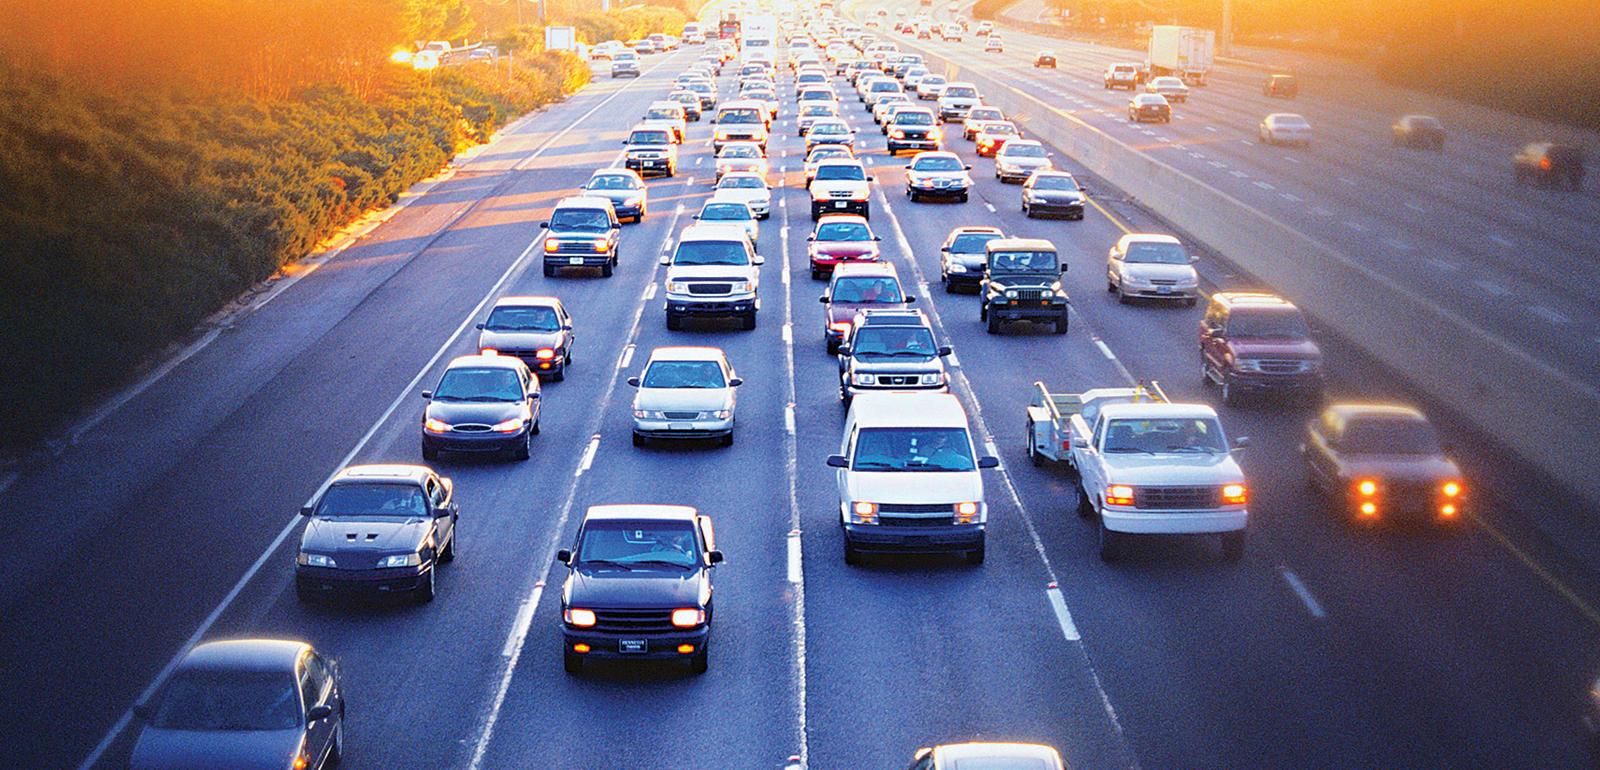 highway insurance photo - 1